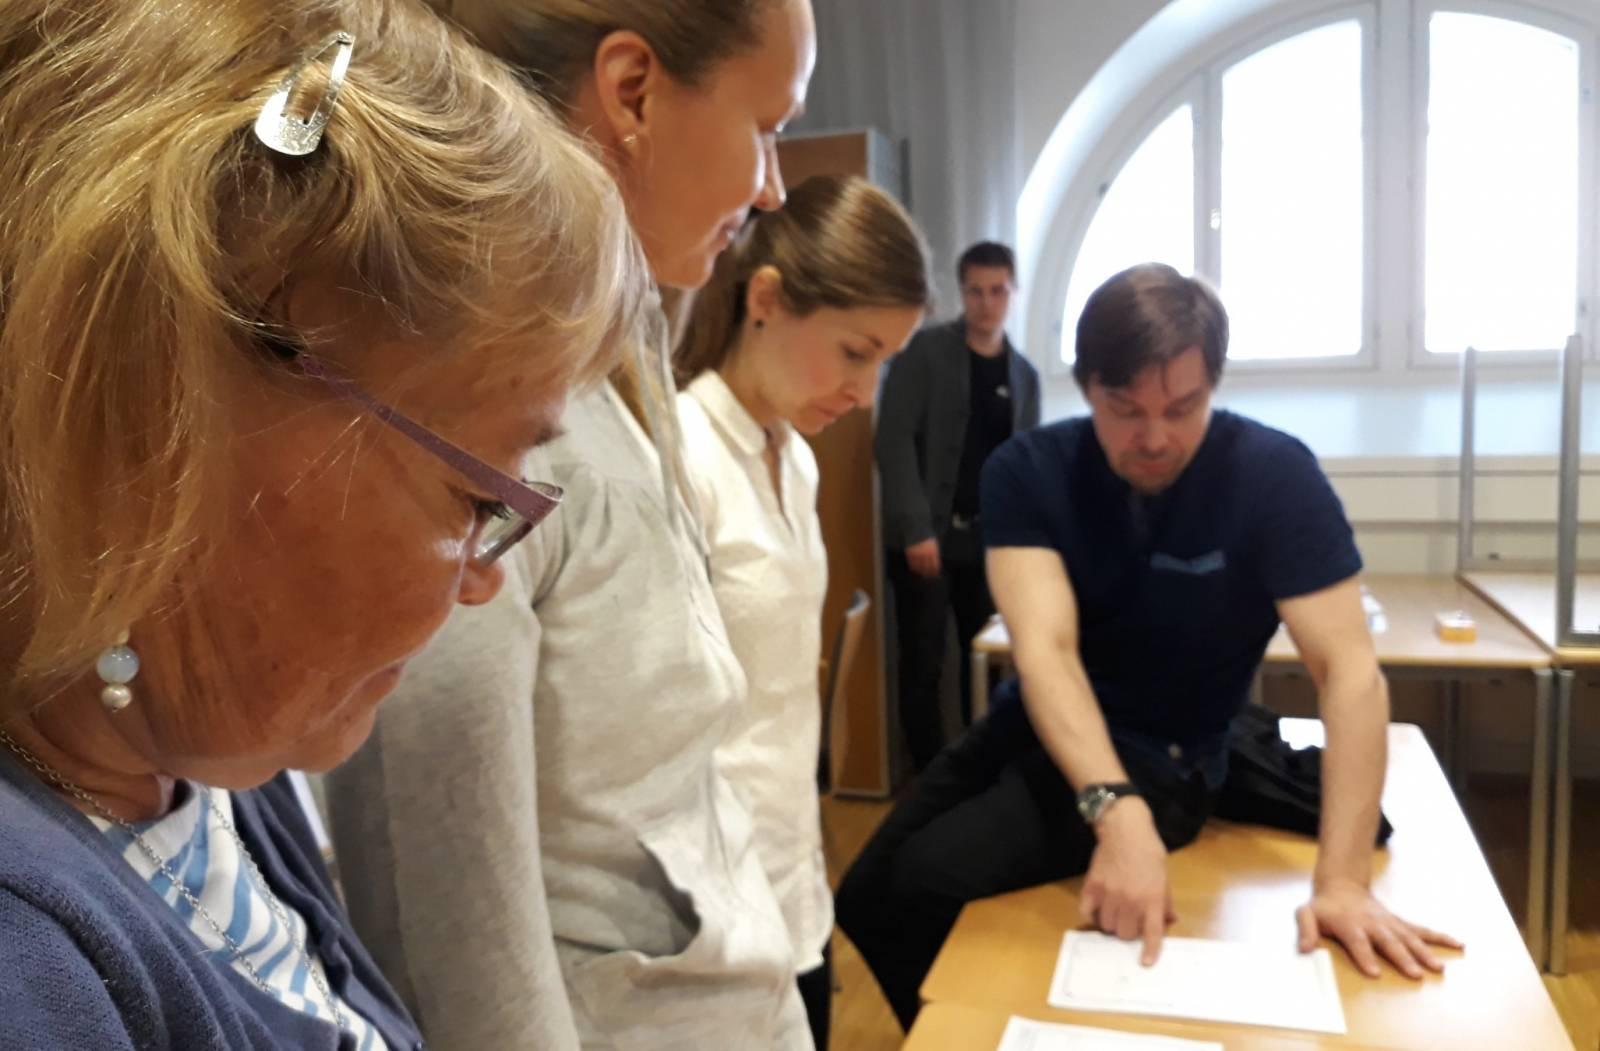 Koordinaatiohankkeen väki tutkii yhdessä papereita.